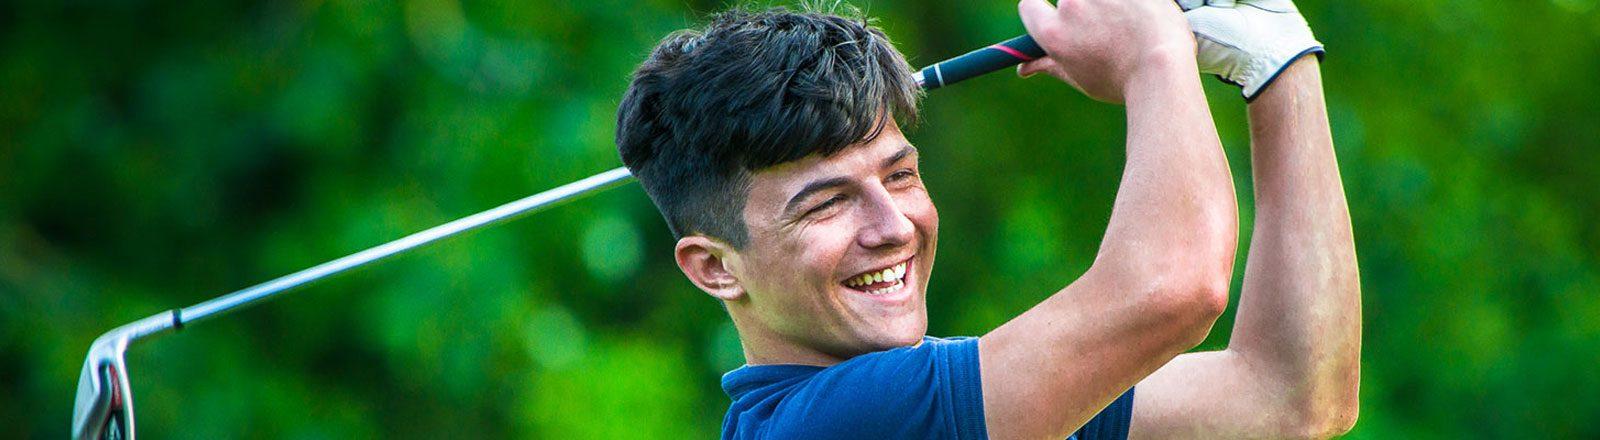 Golf swing header